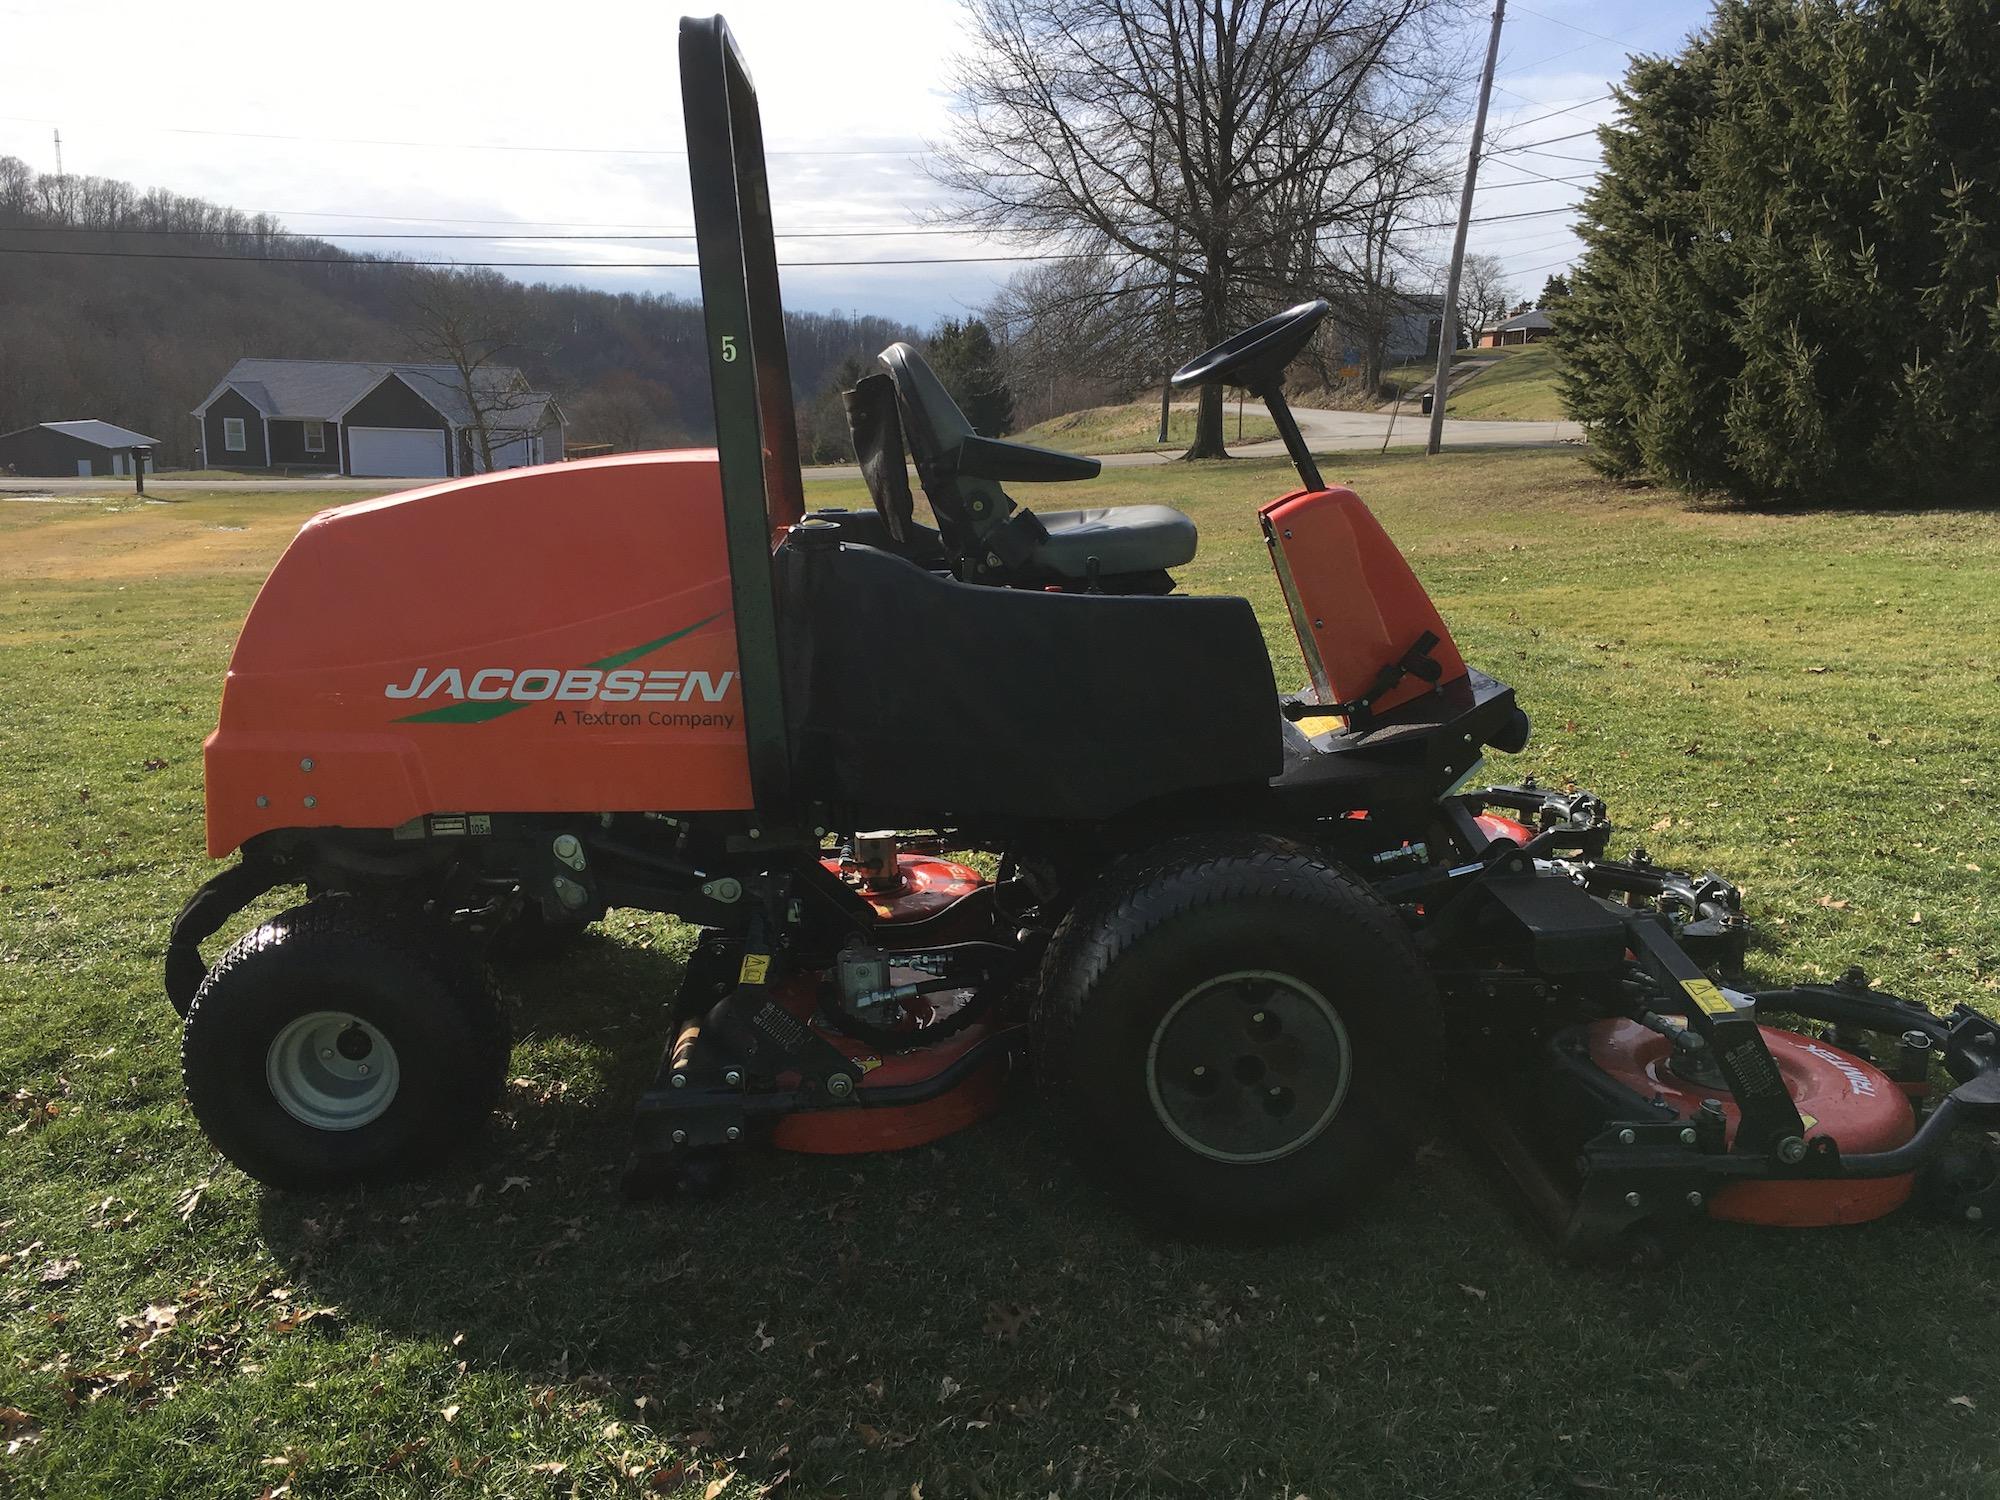 Jacobsen-AR522-RoughMower-2012-03